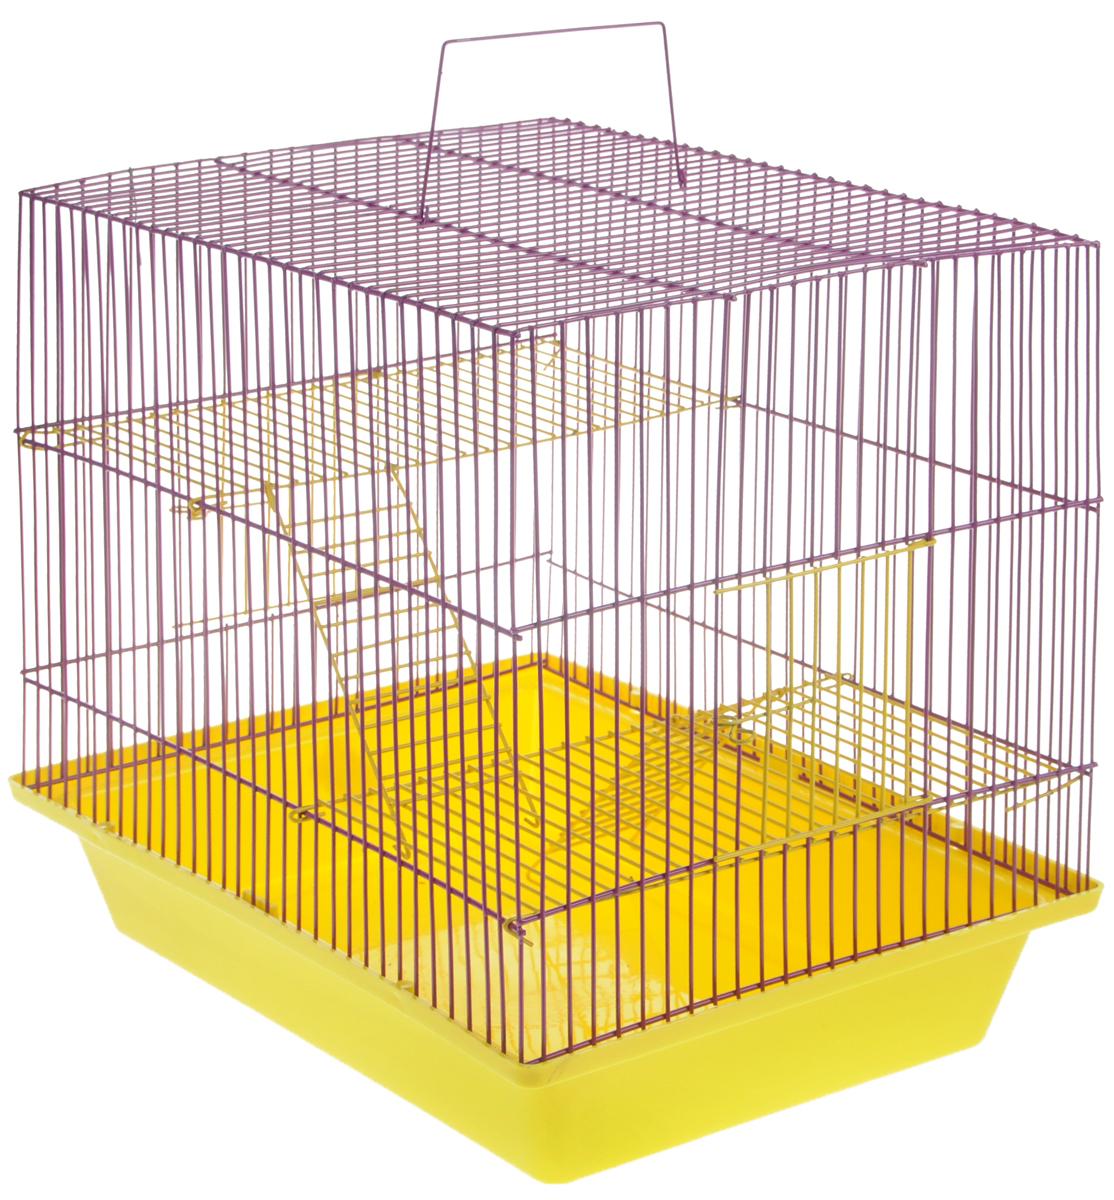 Клетка для грызунов ЗооМарк Гризли, 3-этажная, цвет: желтый поддон, фиолетовая решетка, желтые этажи, 41 х 30 х 36 см. 230ж0120710Клетка ЗооМарк Гризли, выполненная из полипропилена и металла, подходит для мелких грызунов. Изделие трехэтажное. Клетка имеет яркий поддон, удобна в использовании и легко чистится. Сверху имеется ручка для переноски.Такая клетка станет уединенным личным пространством и уютным домиком для маленького грызуна.